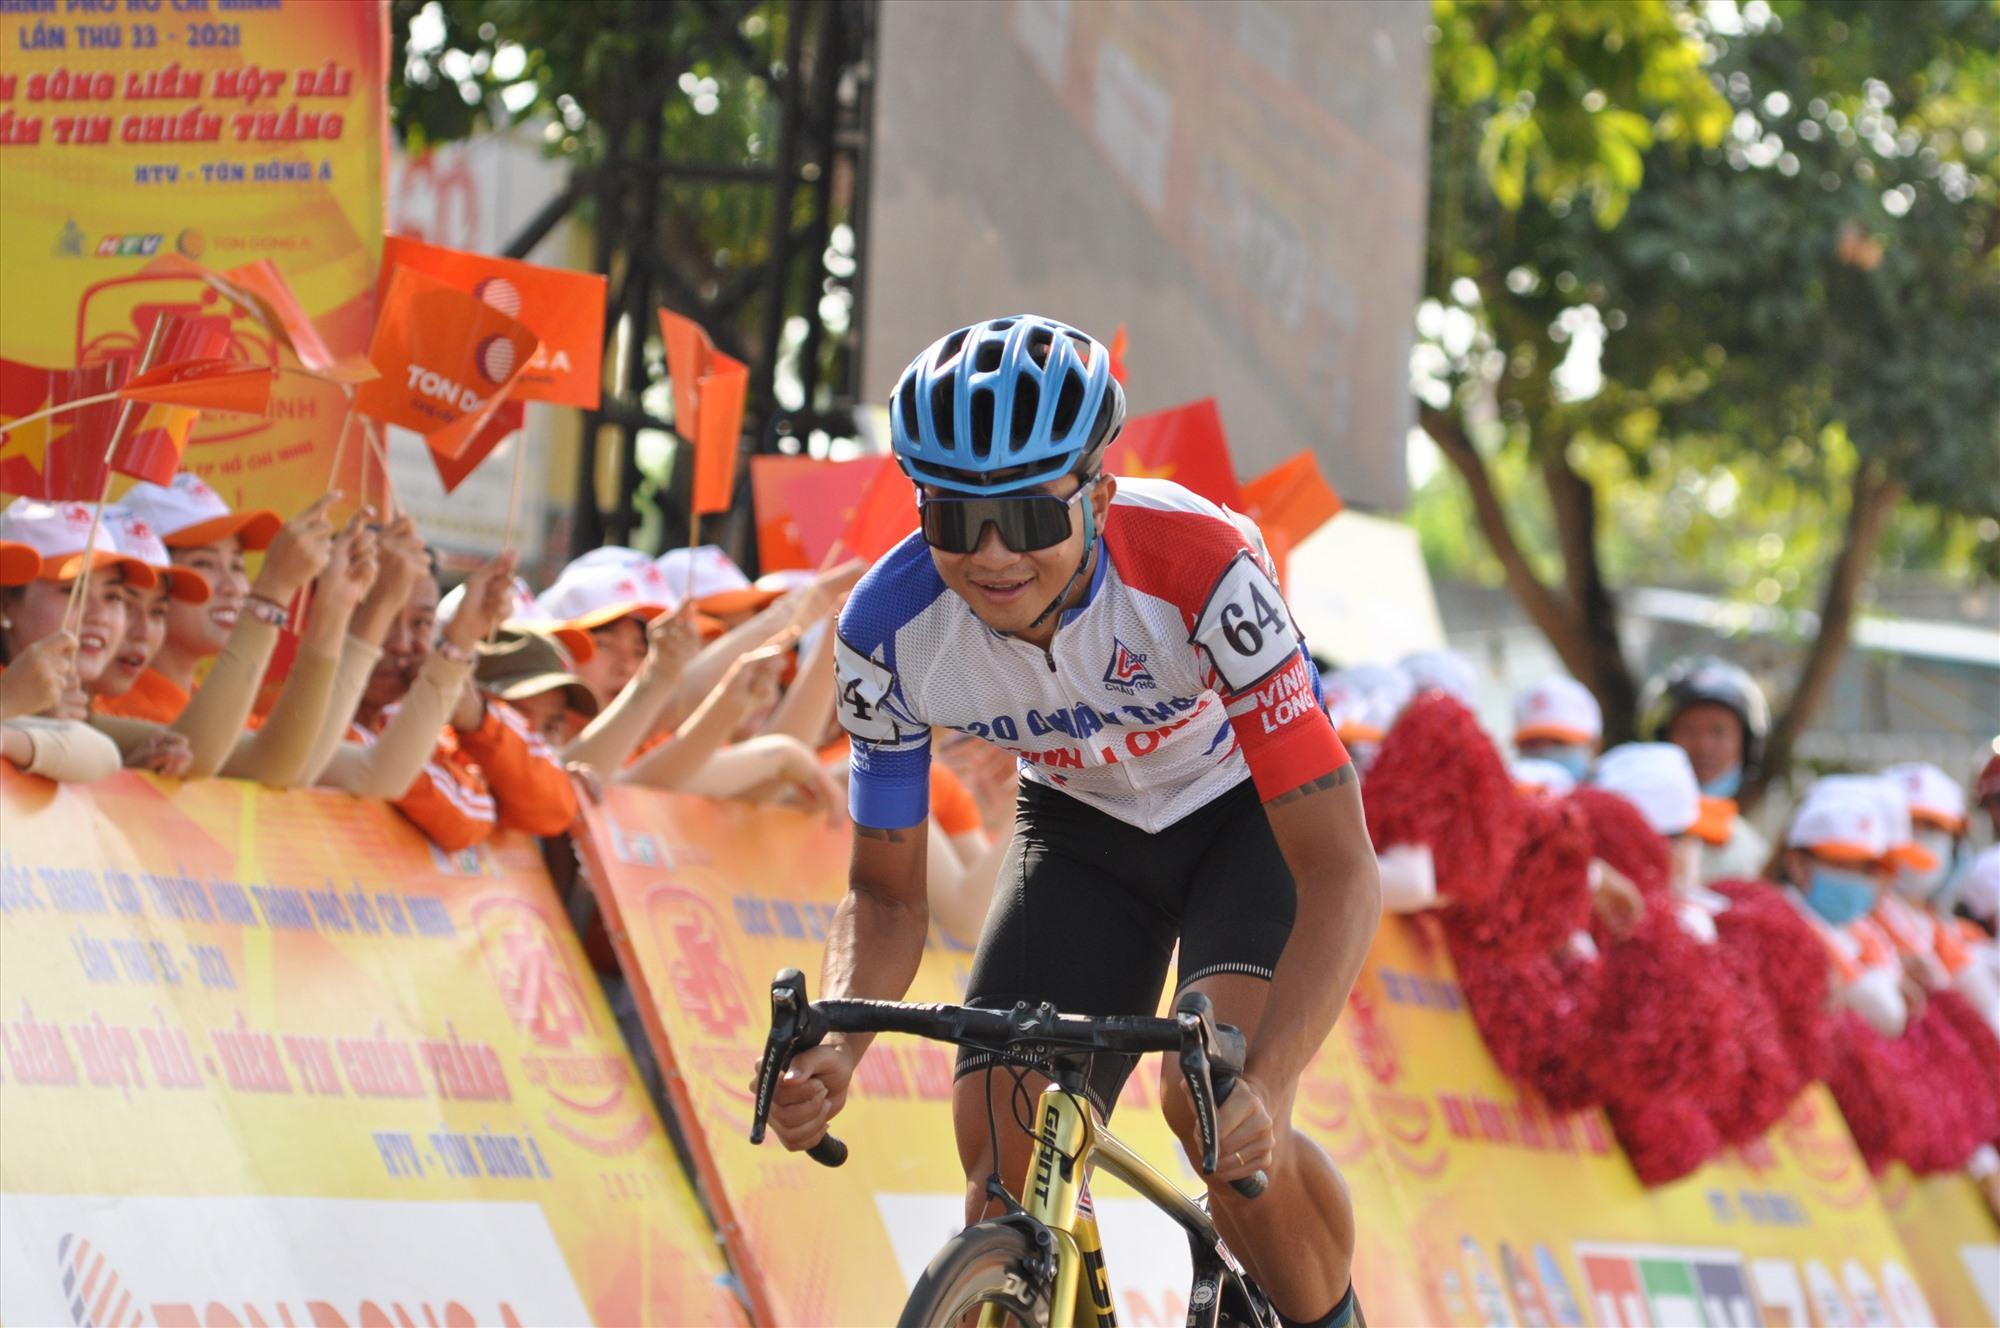 Thời tiết nắng nóng song nhận được sự động viên của người hâm mộ dọc đường giúp cho các tay đua thi đâu hết mình. Ảnh: T.VY